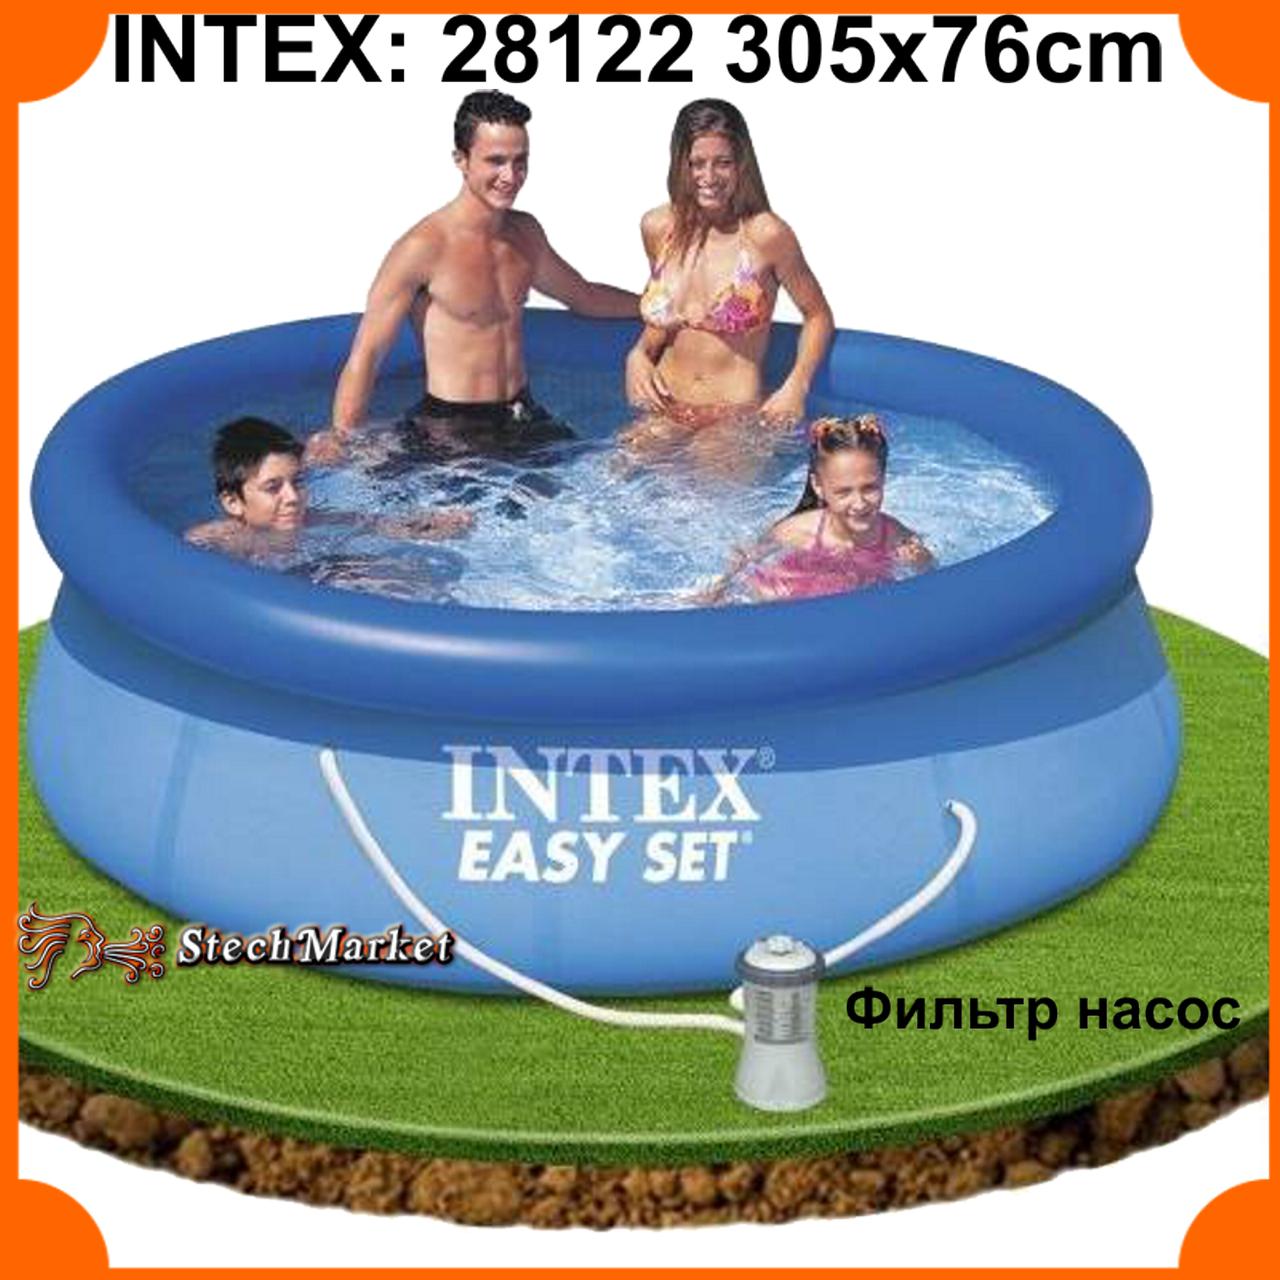 Бассейн надувной 28122+фильтр насос Intex 305x76, 3853л